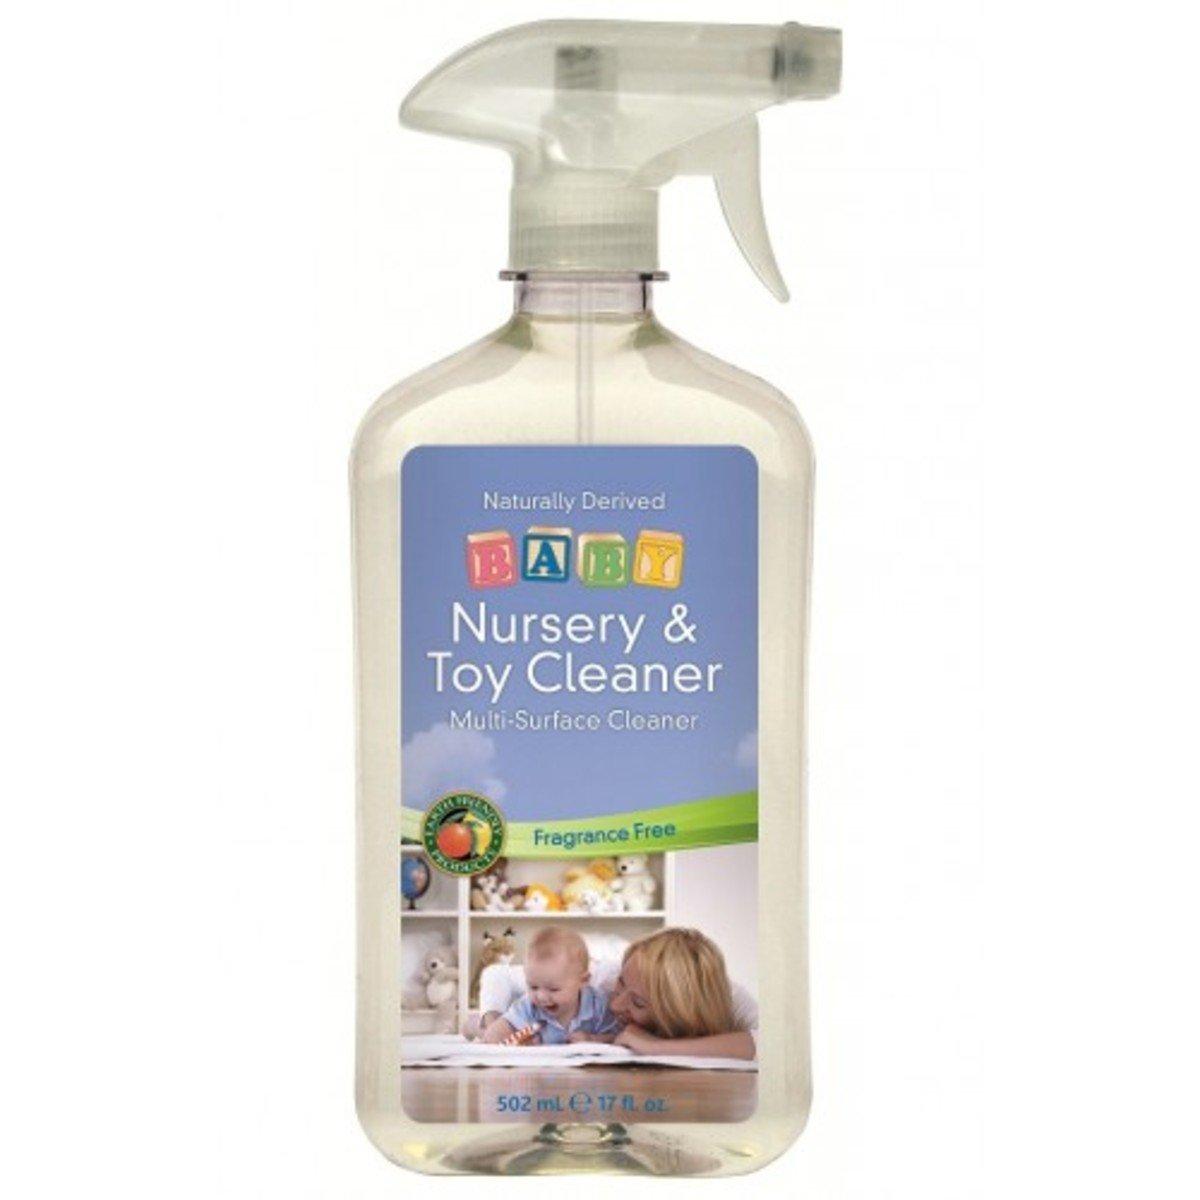 嬰兒幼童玩具清潔液 (17oz)